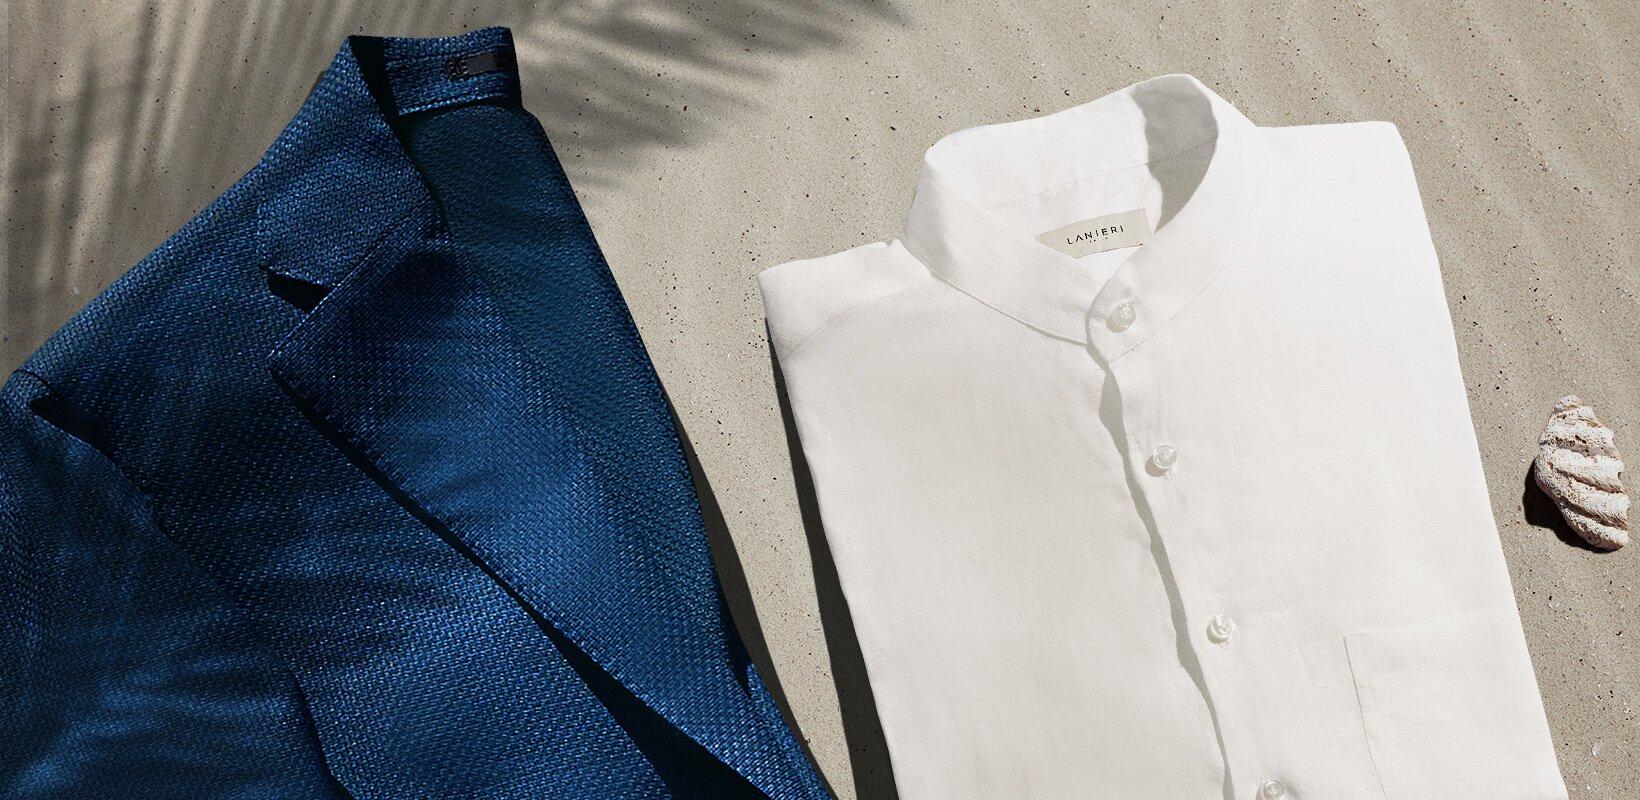 Lanieri | Promotion d'été Vêtements Sur Mesure 30% de Remise